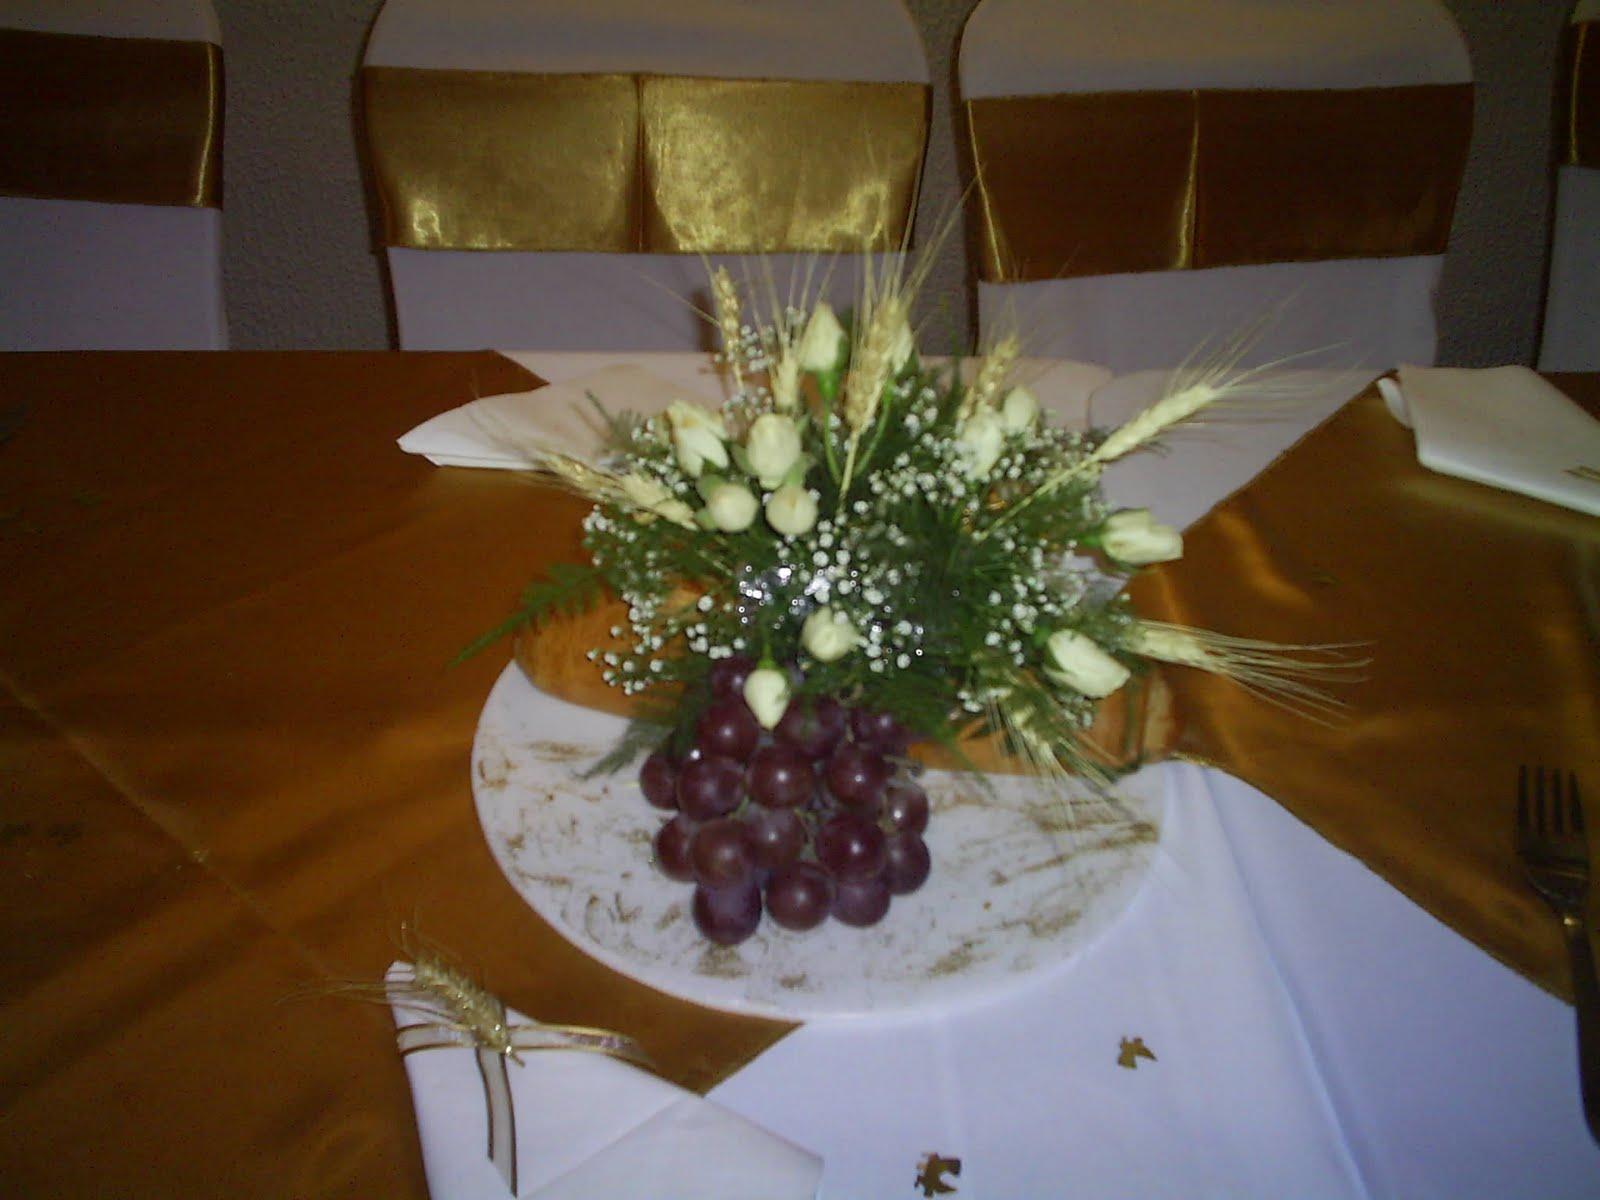 Arreglos florales para primera comunion con espigas y uvas - Arreglos de mesa ...